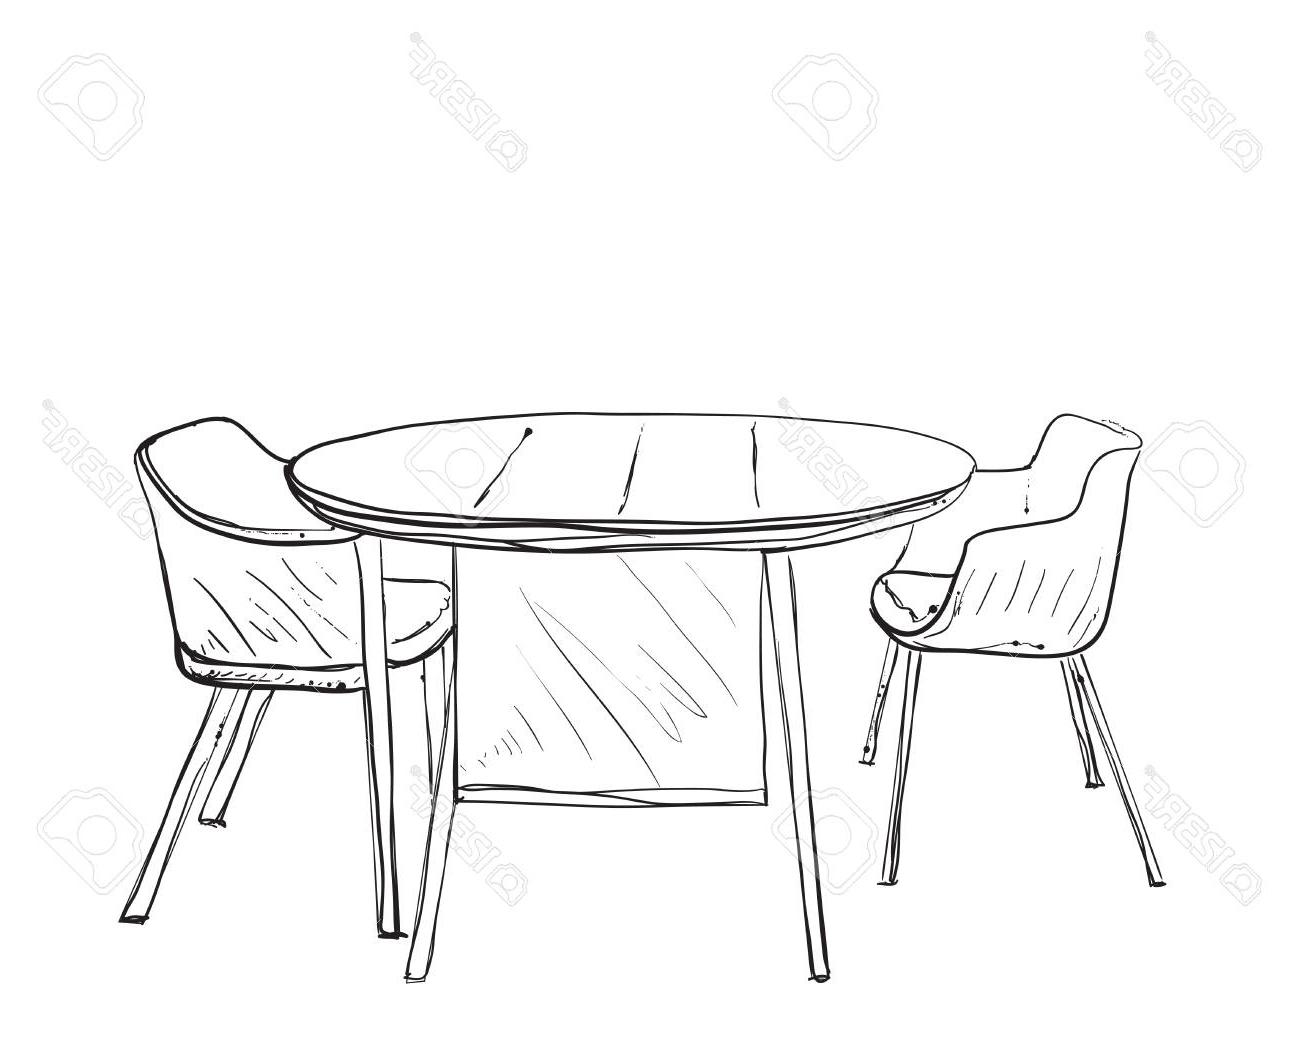 Mesa Dibujo Gdd0 Muebles En Cafà Del Verano Silla Y Mesa De Dibujo Ilustraciones